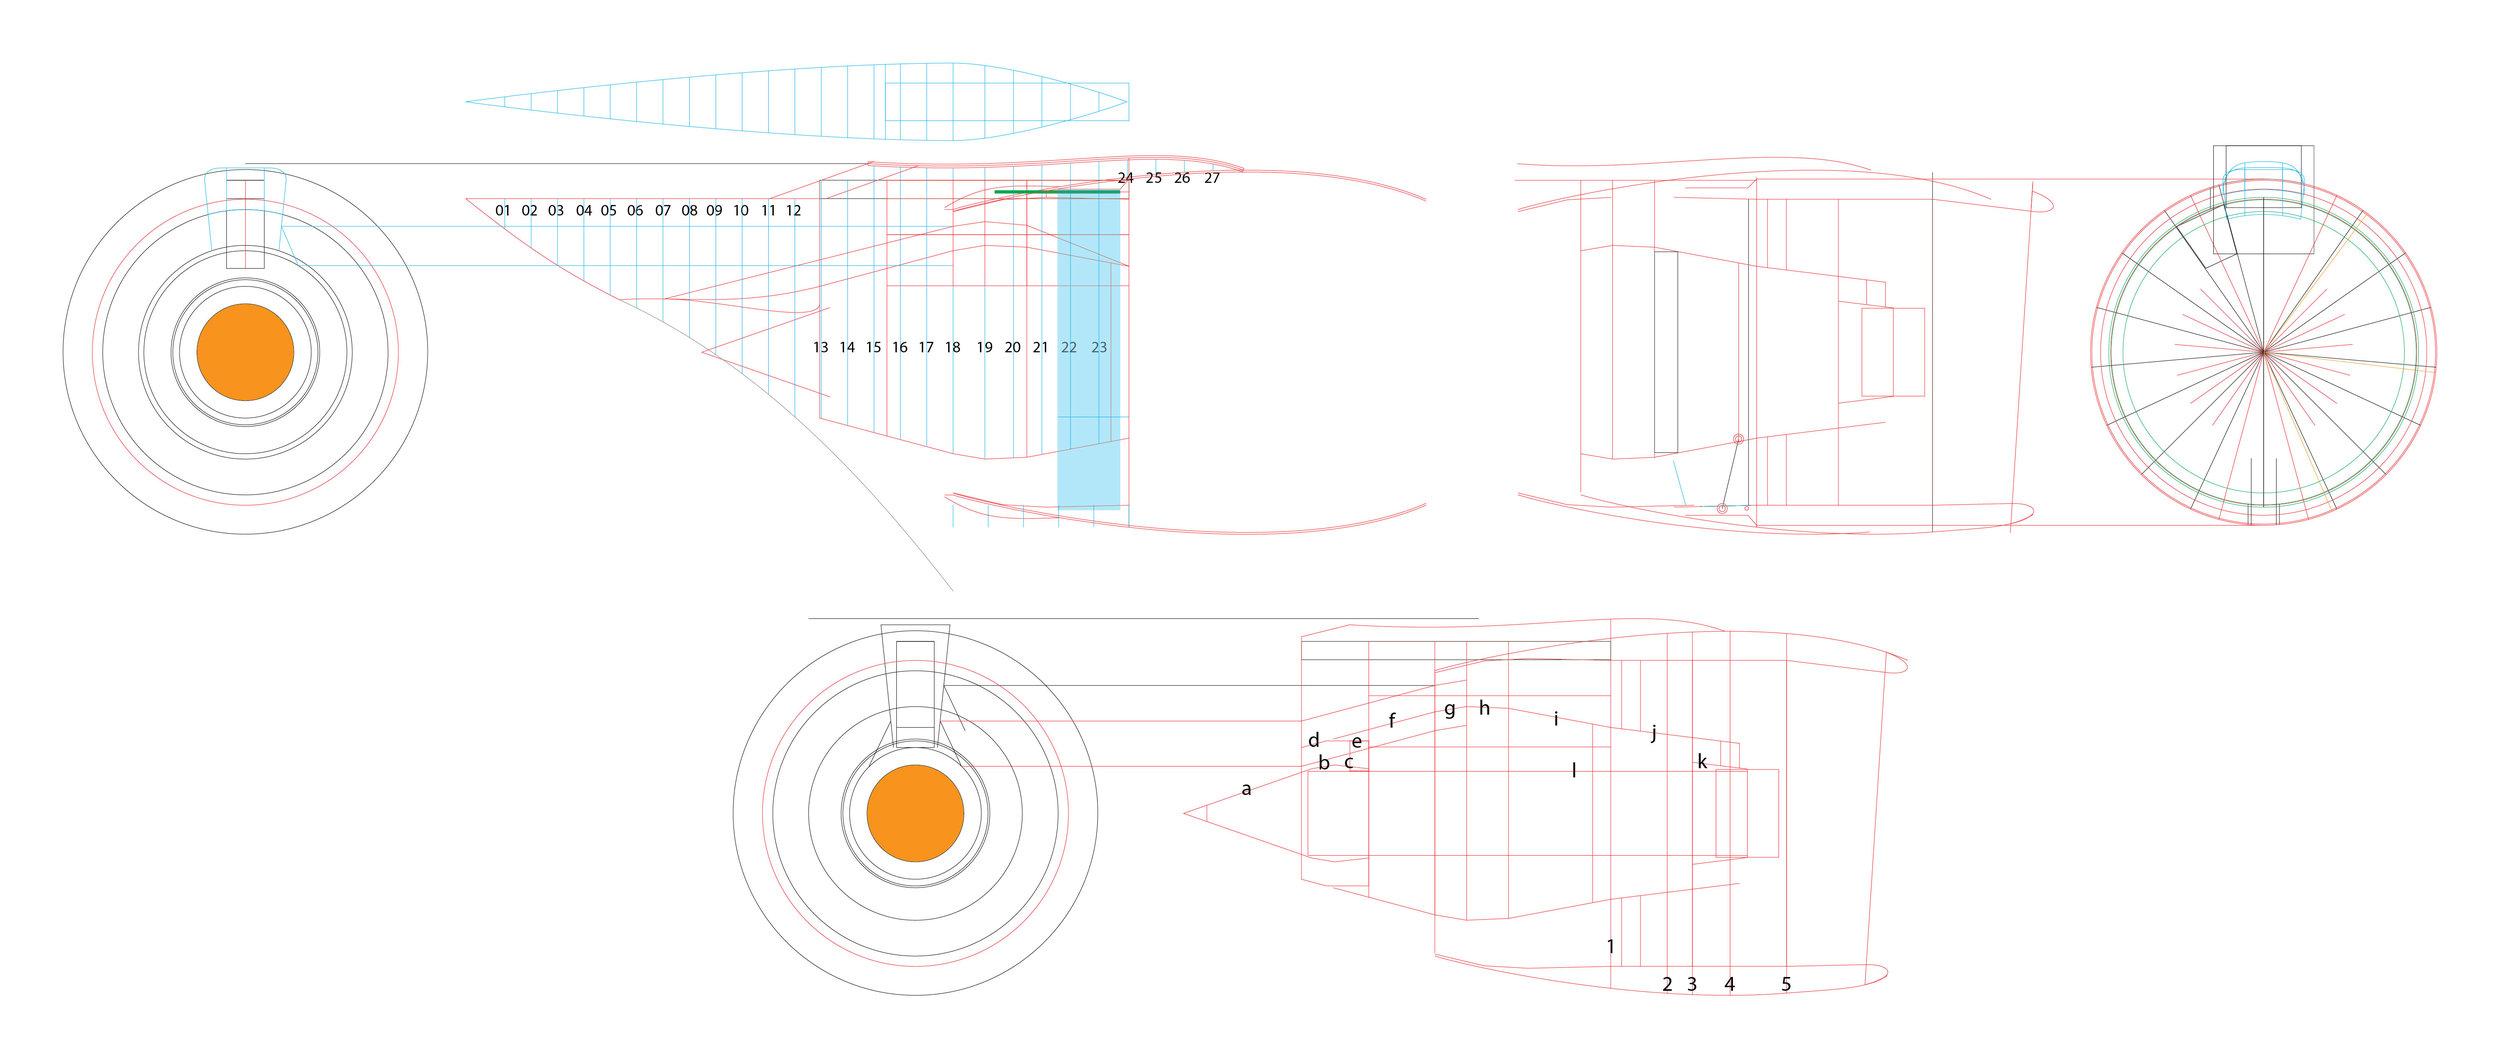 Engines - drawings 1.jpg